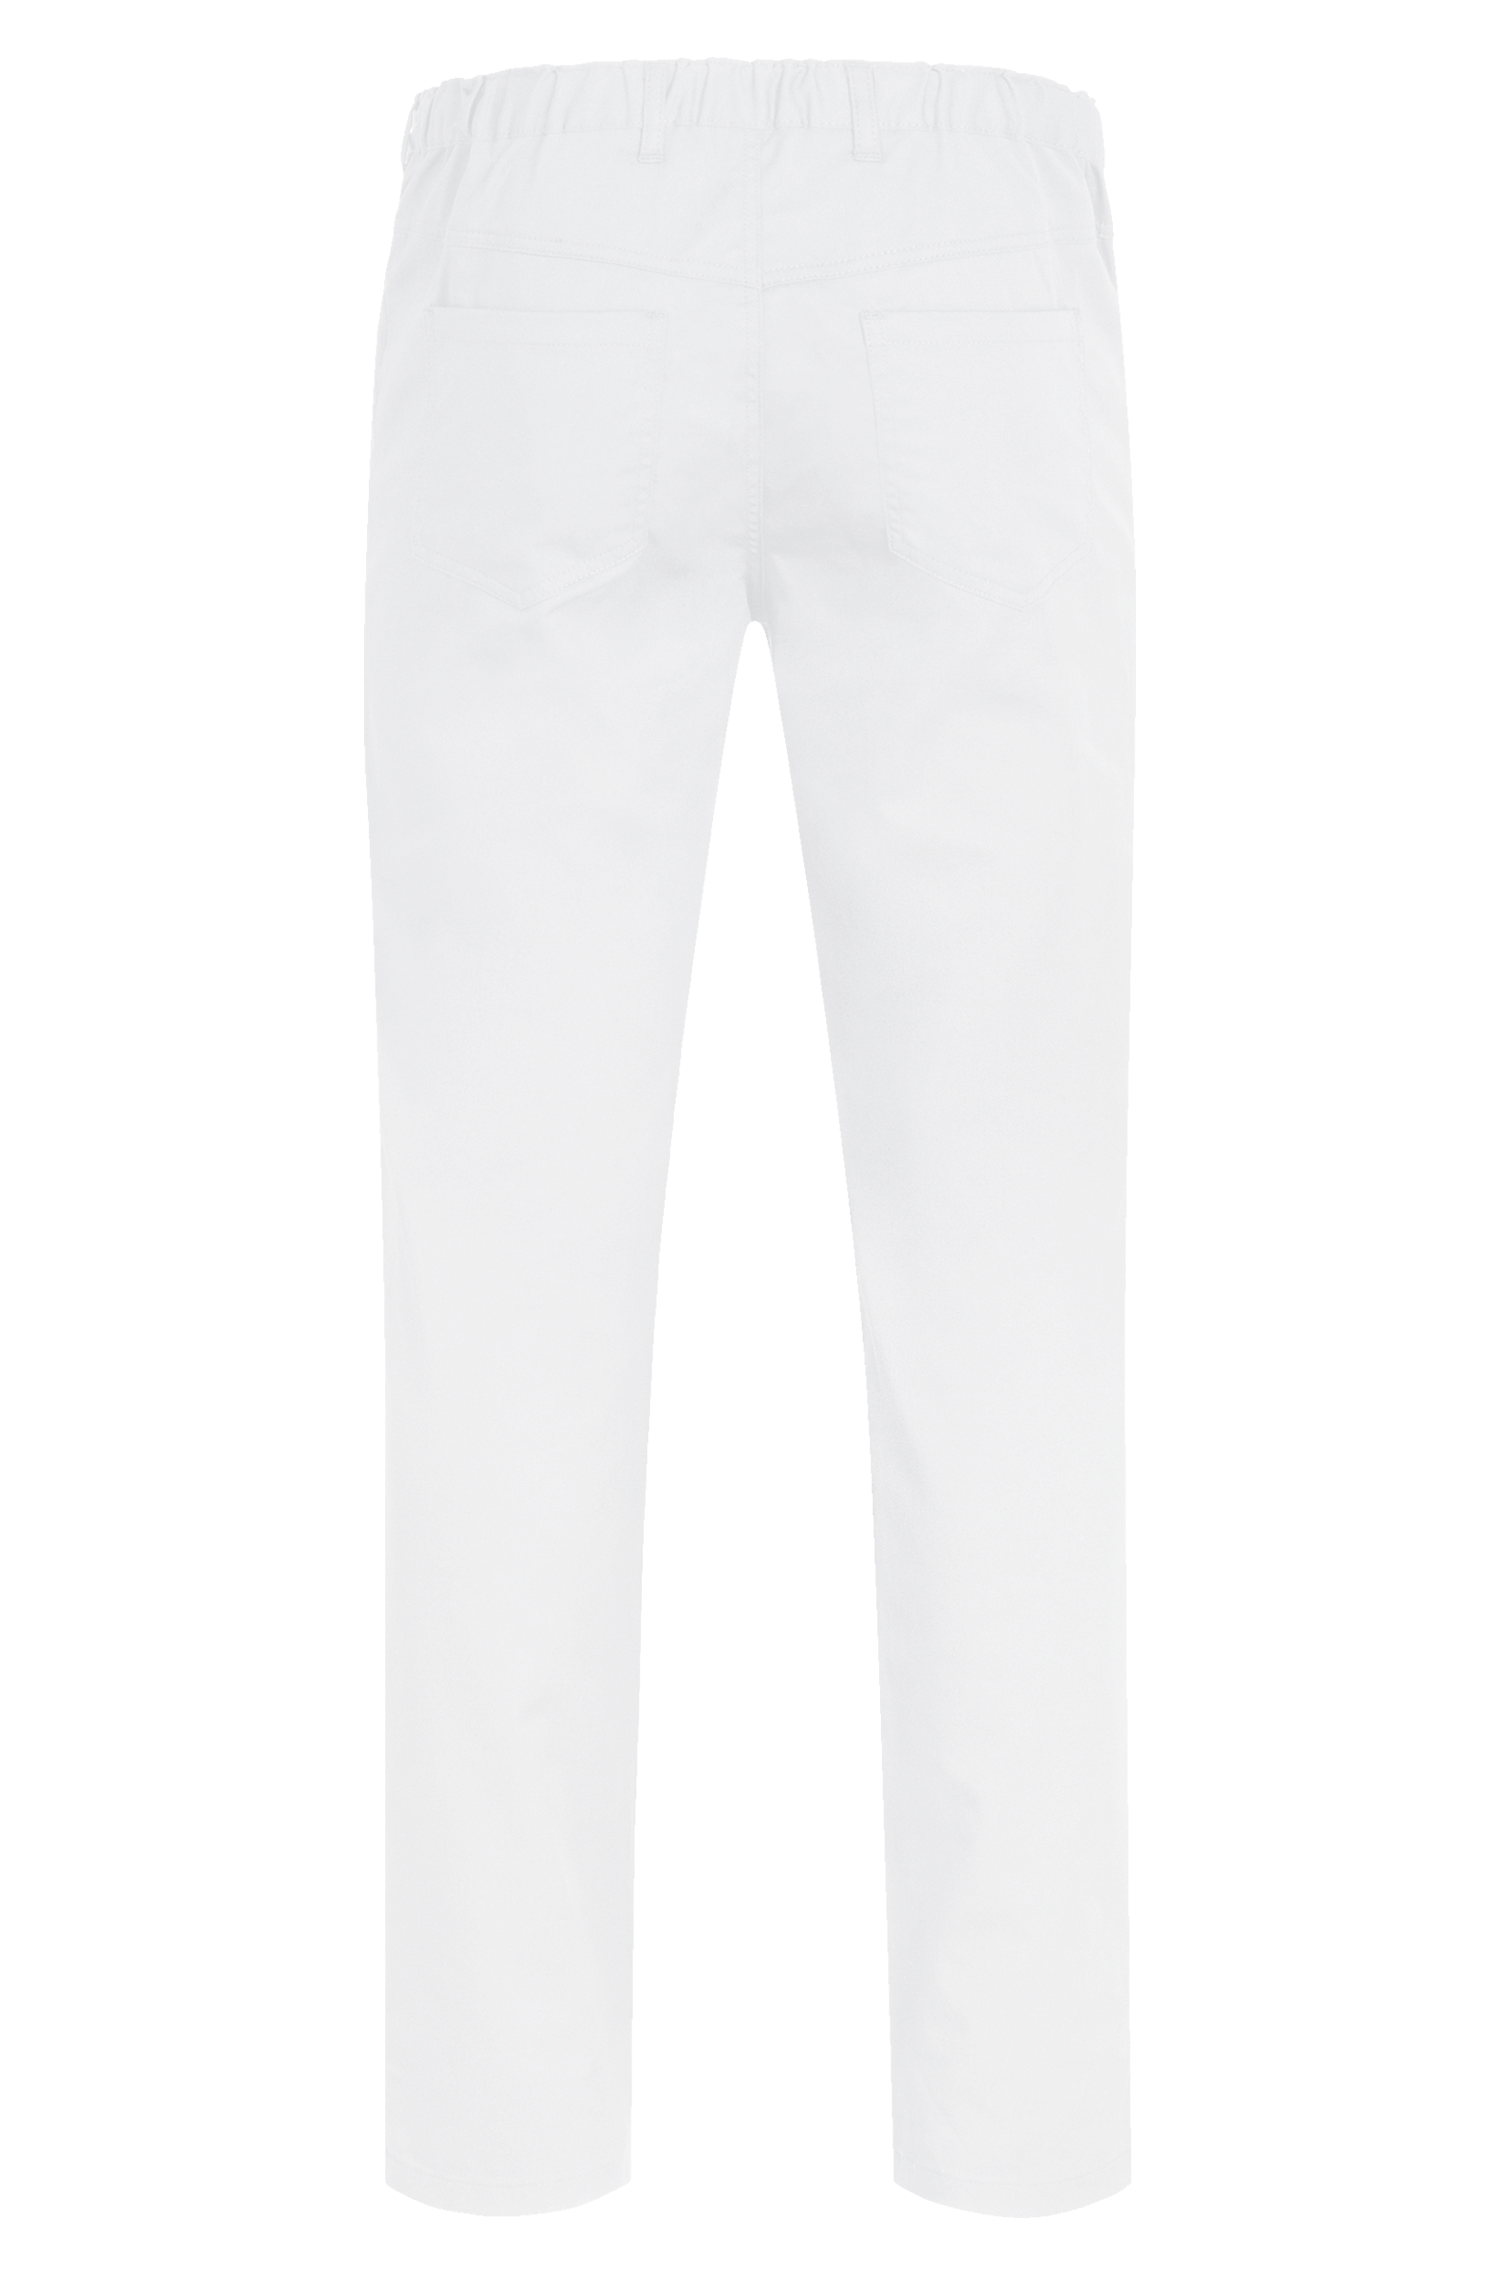 Herrenhose Greiff 5321 CO